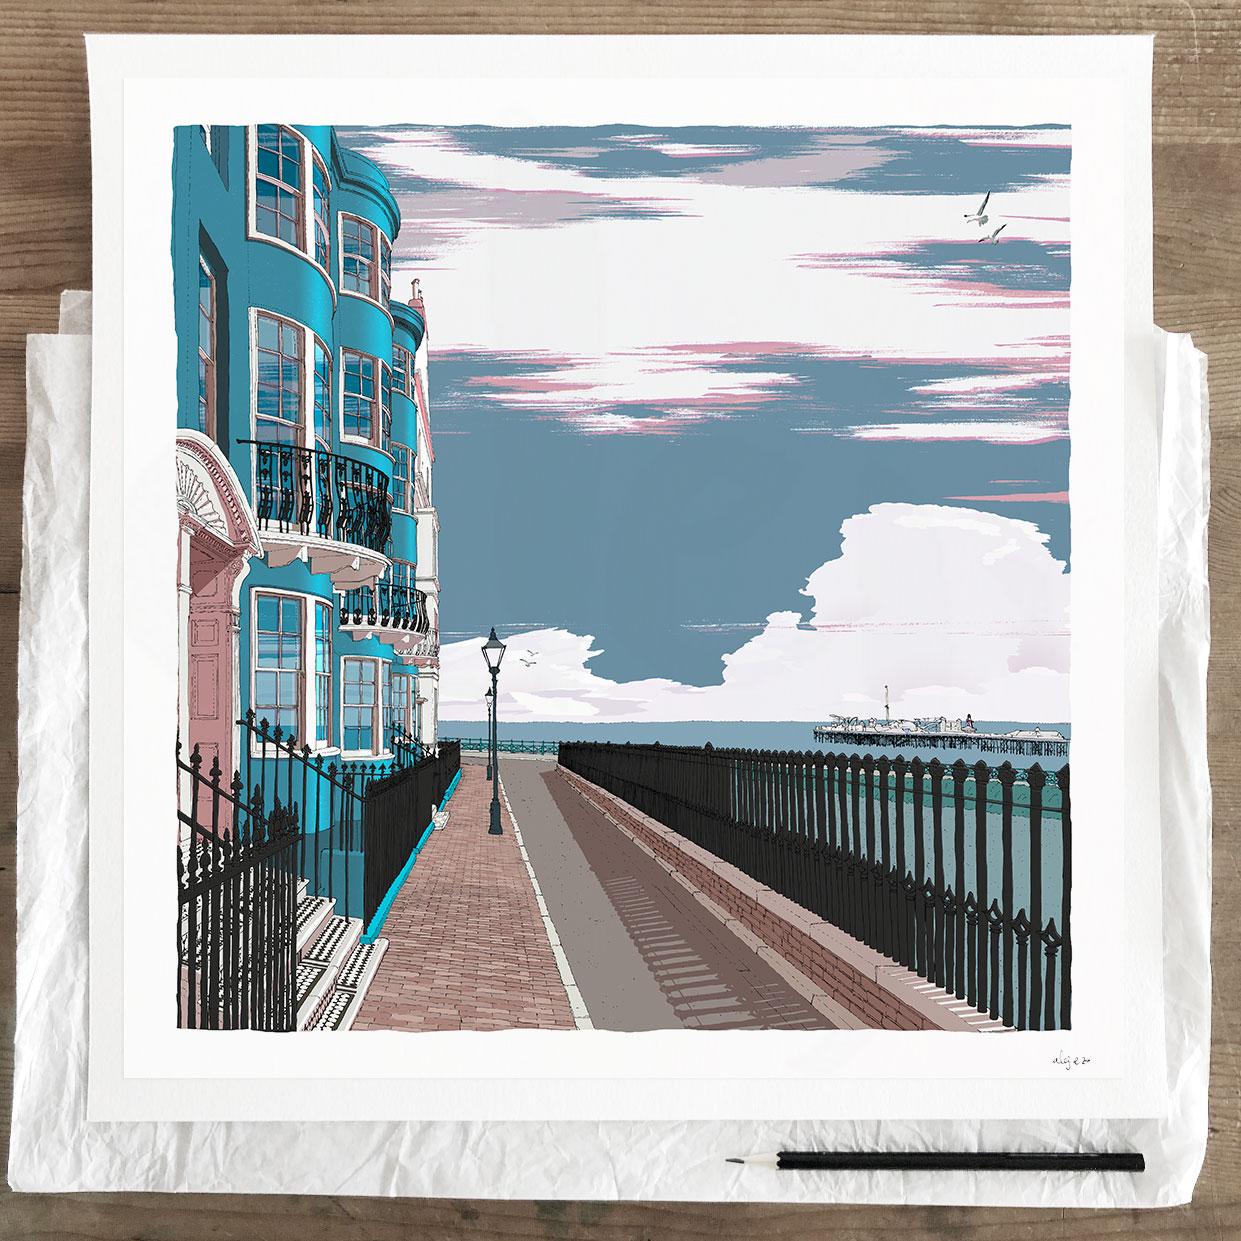 New Steine Brighton Seaside Architecture art print by artist alej ez